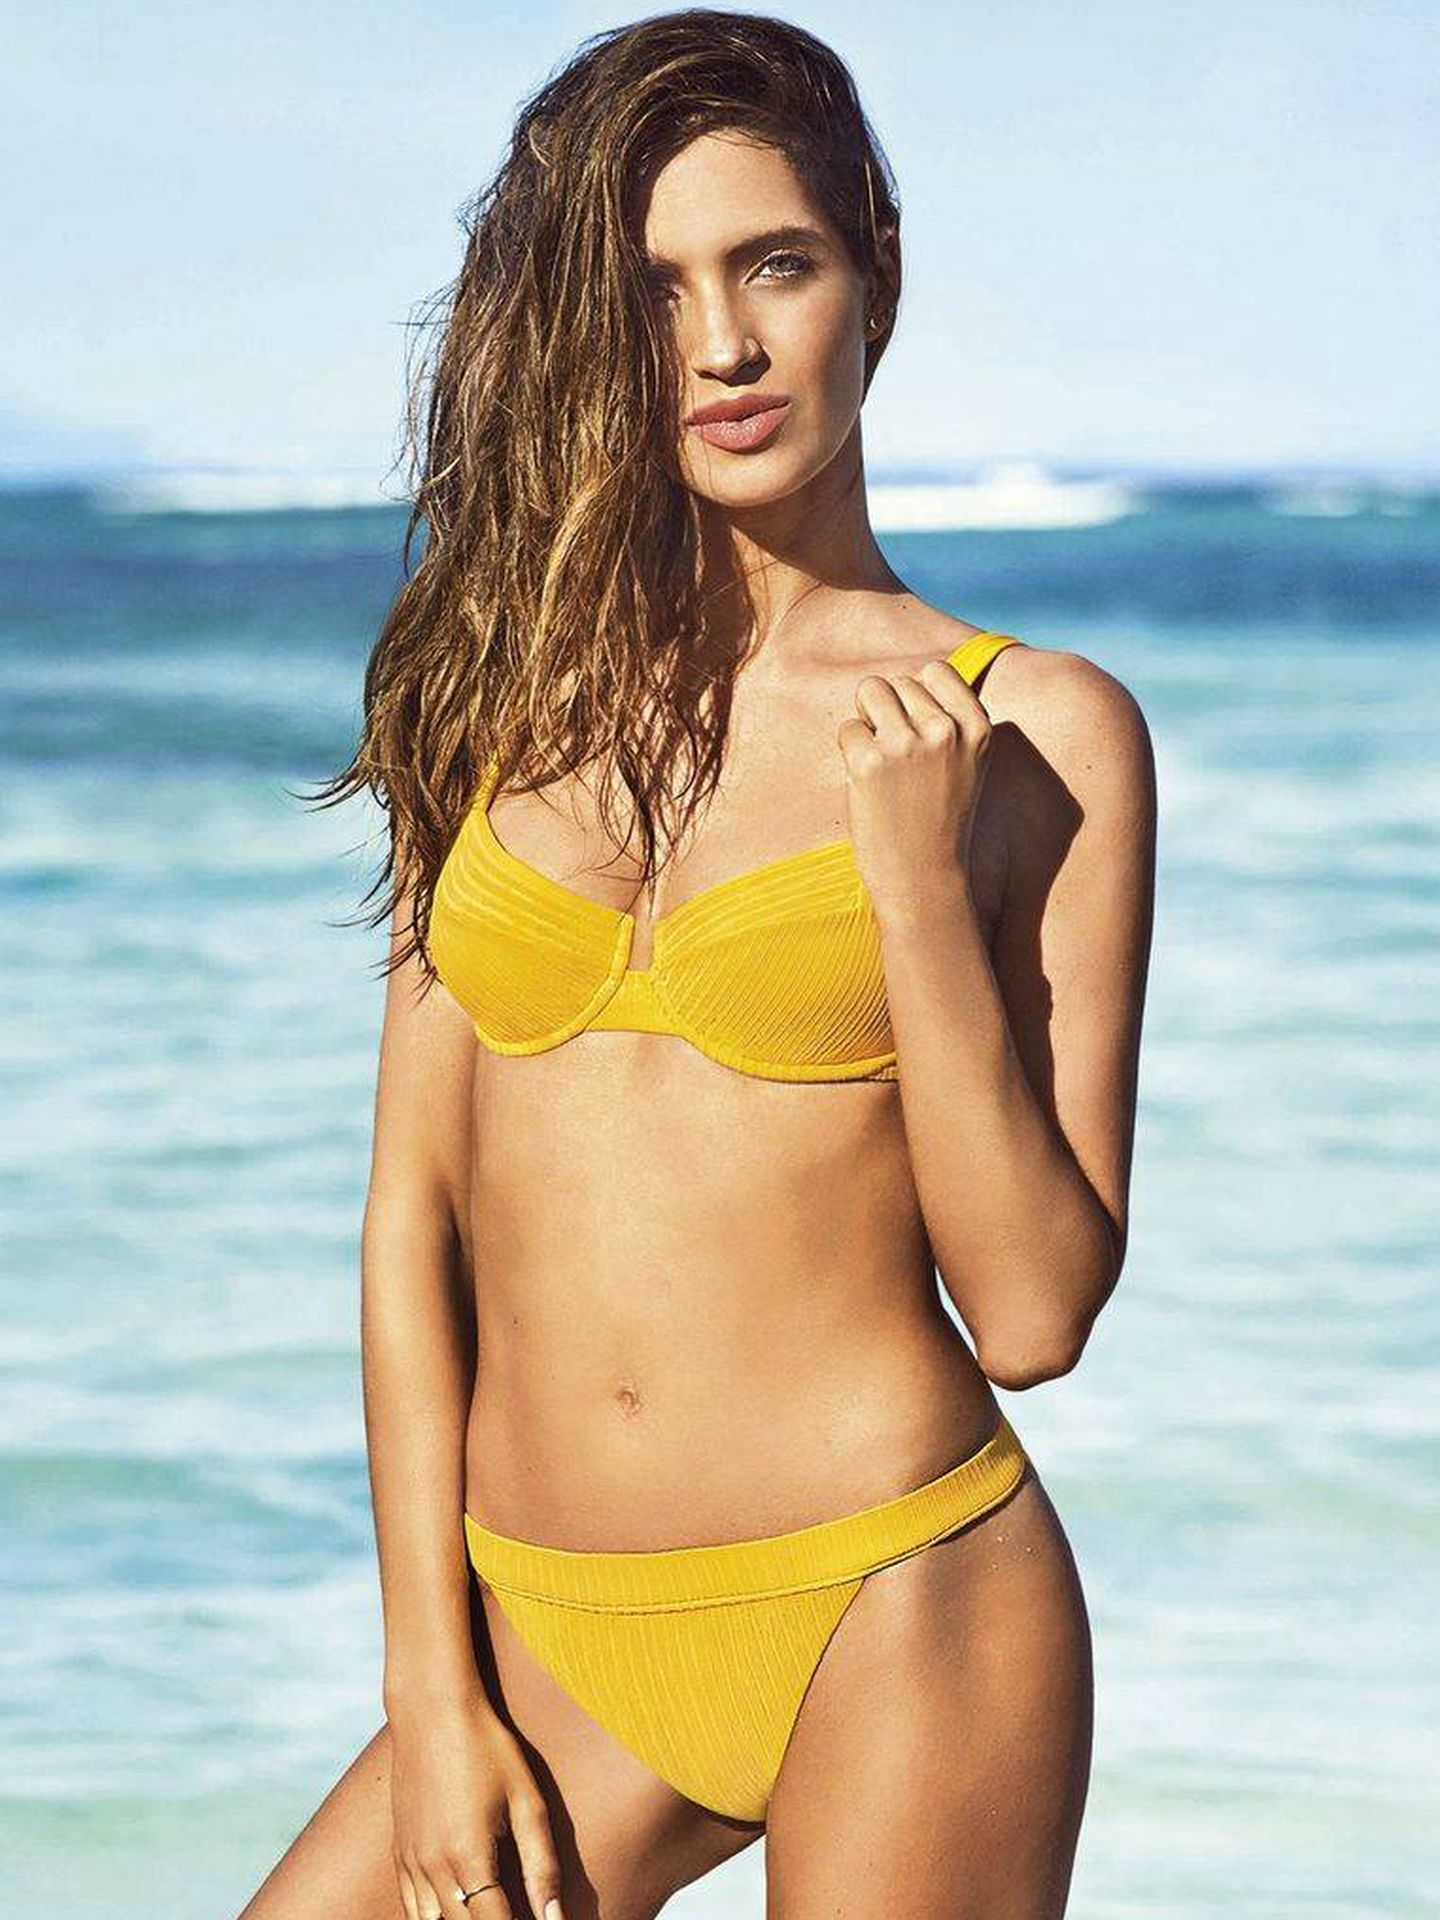 Un bikini liso y sencillo que a Sara le favorece muchísimo. (Instagram)